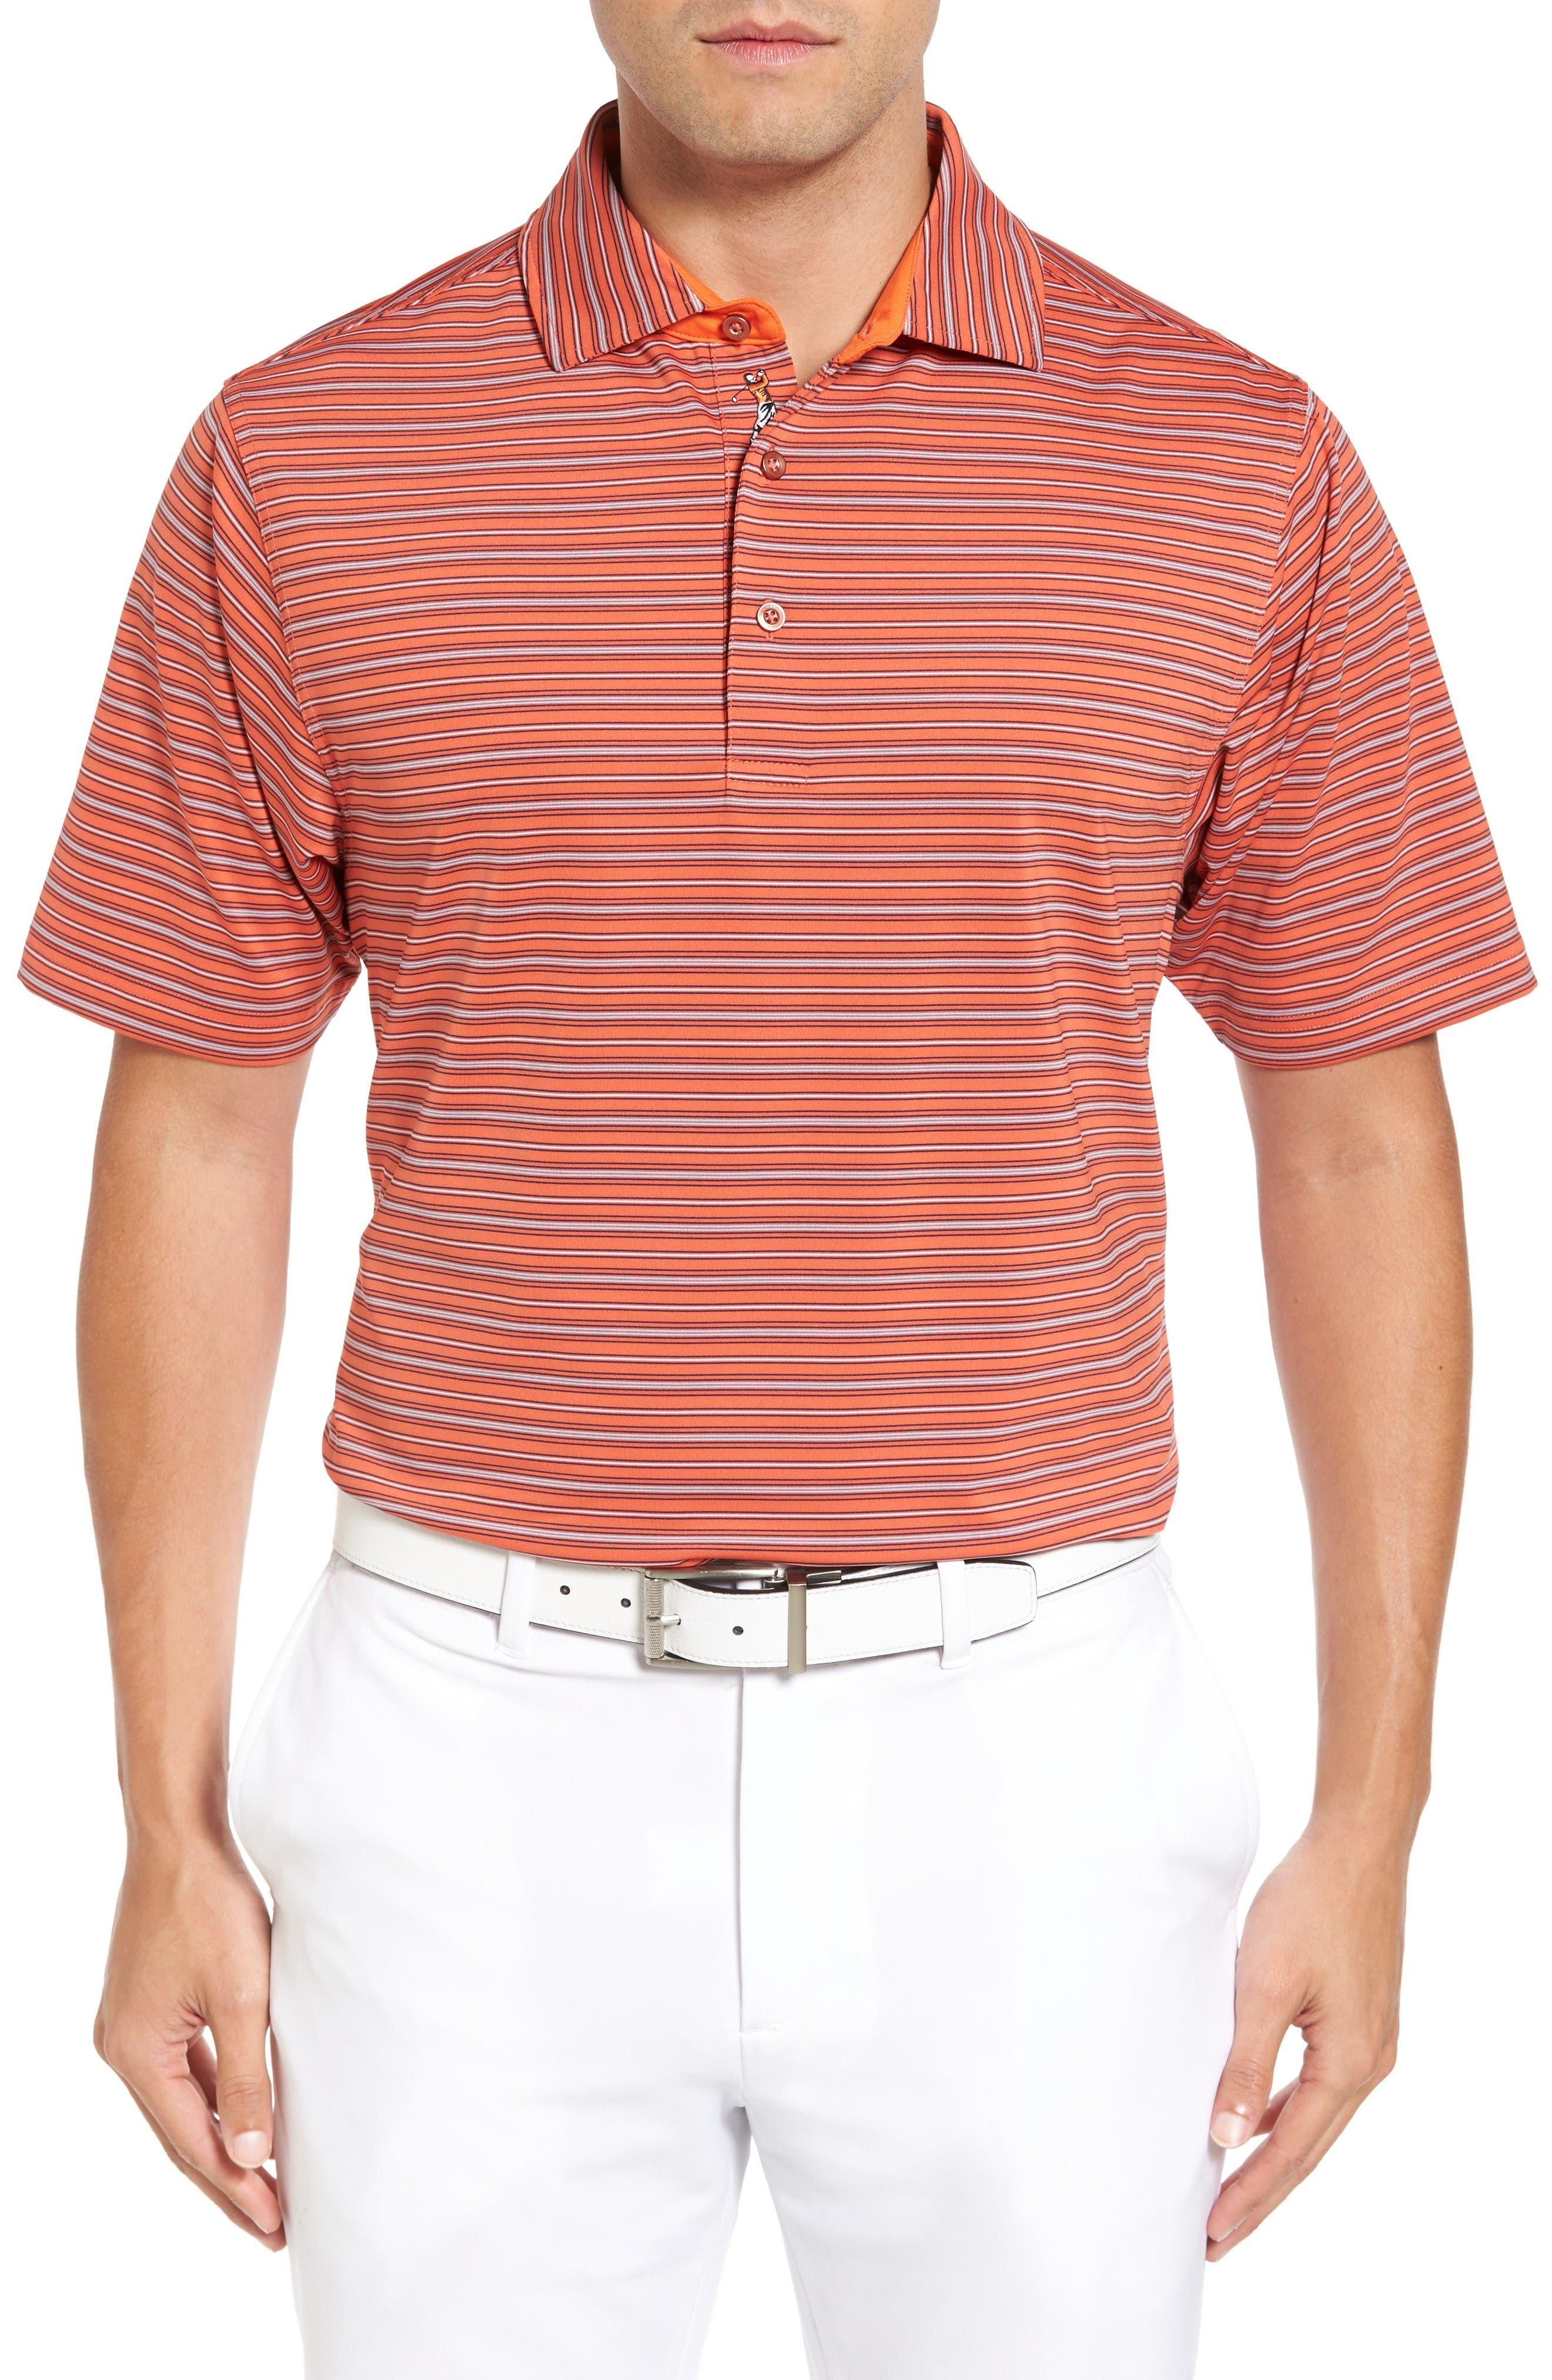 Bobby Jones XH20 Cero Stripe Stretch Golf Polo